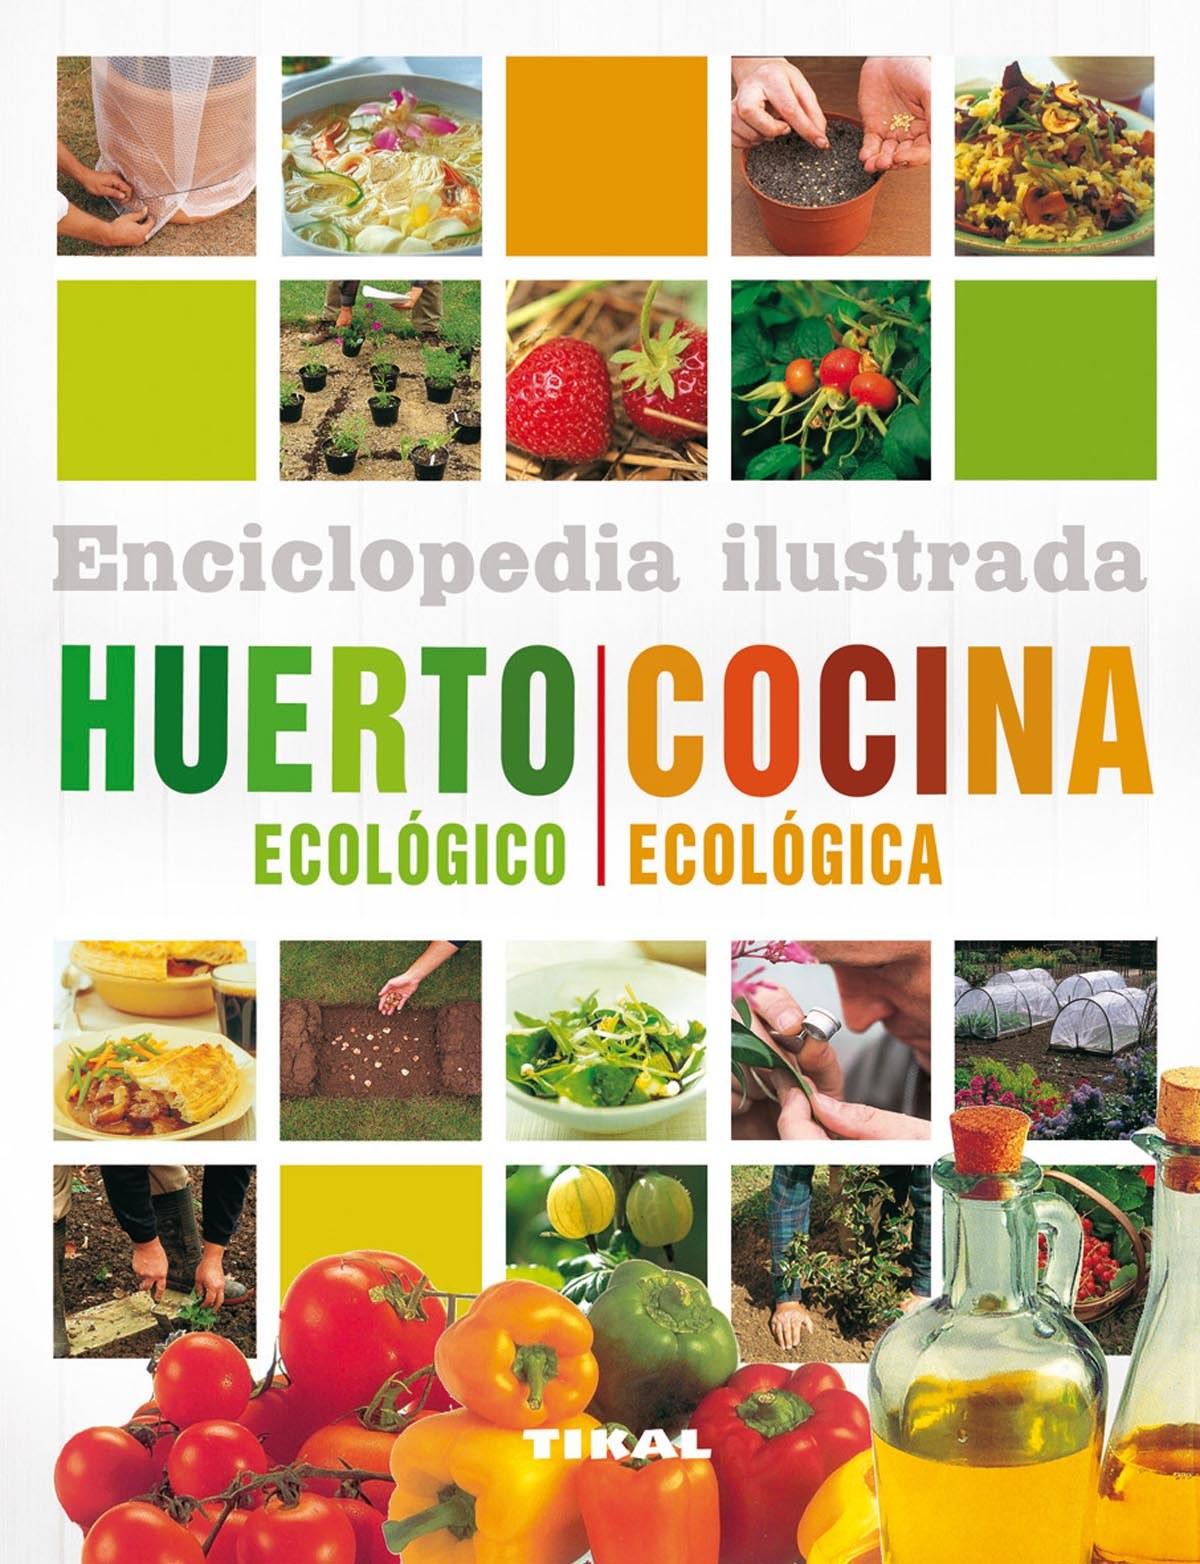 Huerto ecológico-cocina ecológica 9788499281858